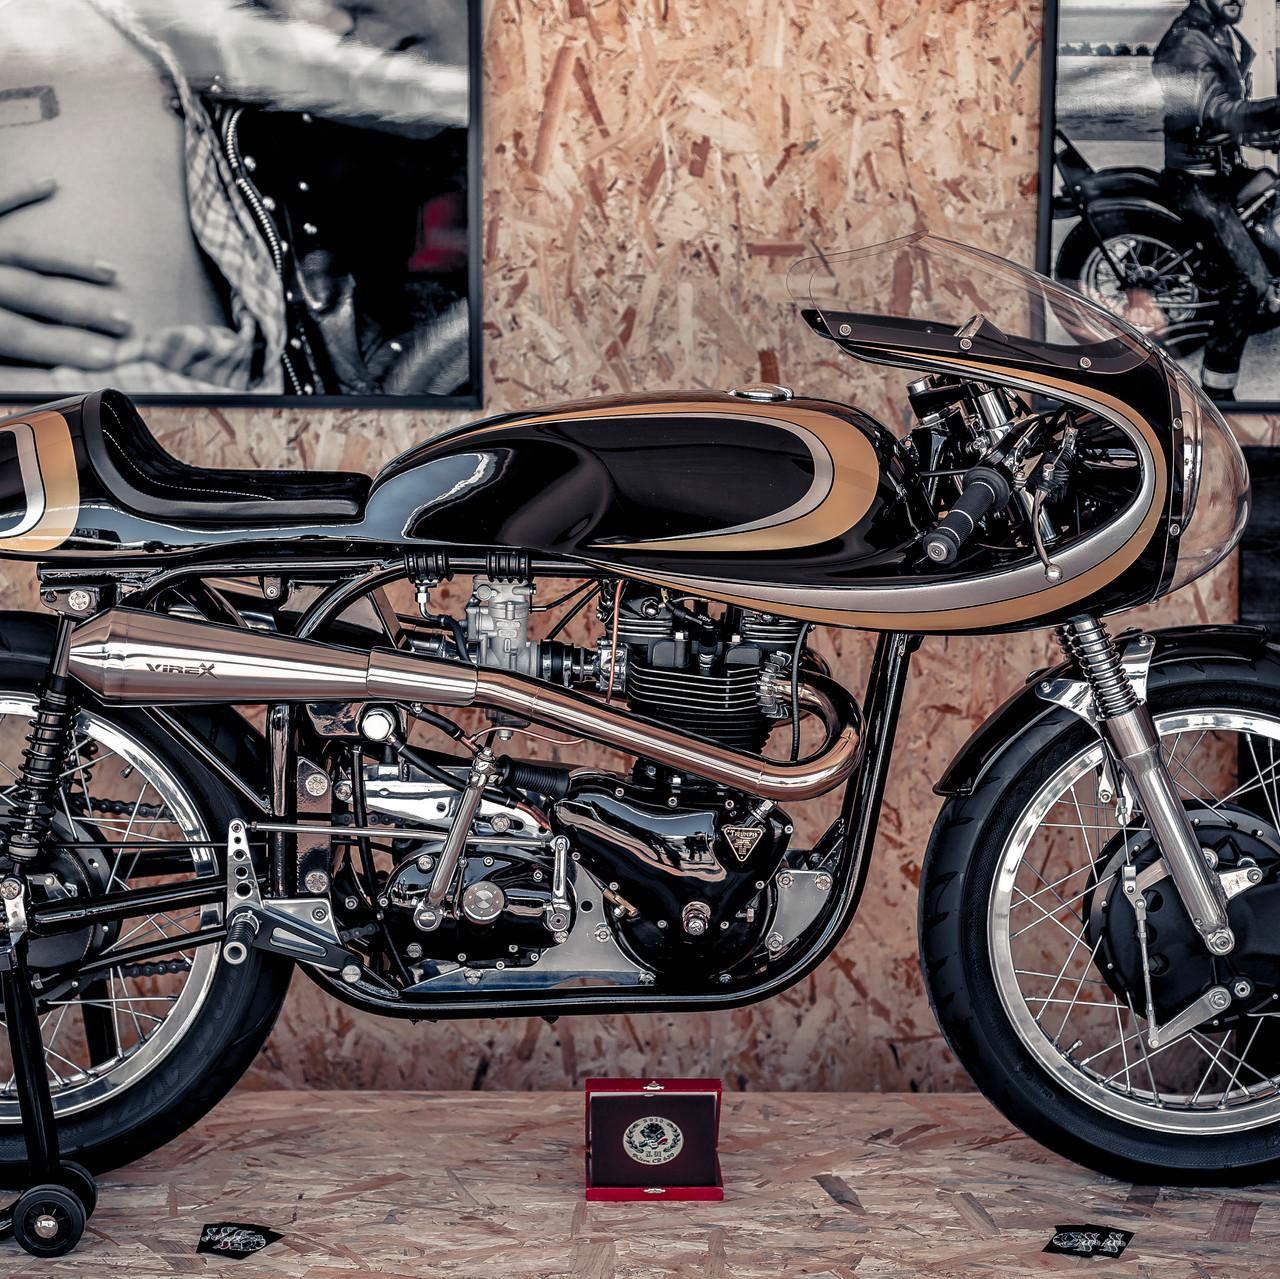 Moto racer motarde